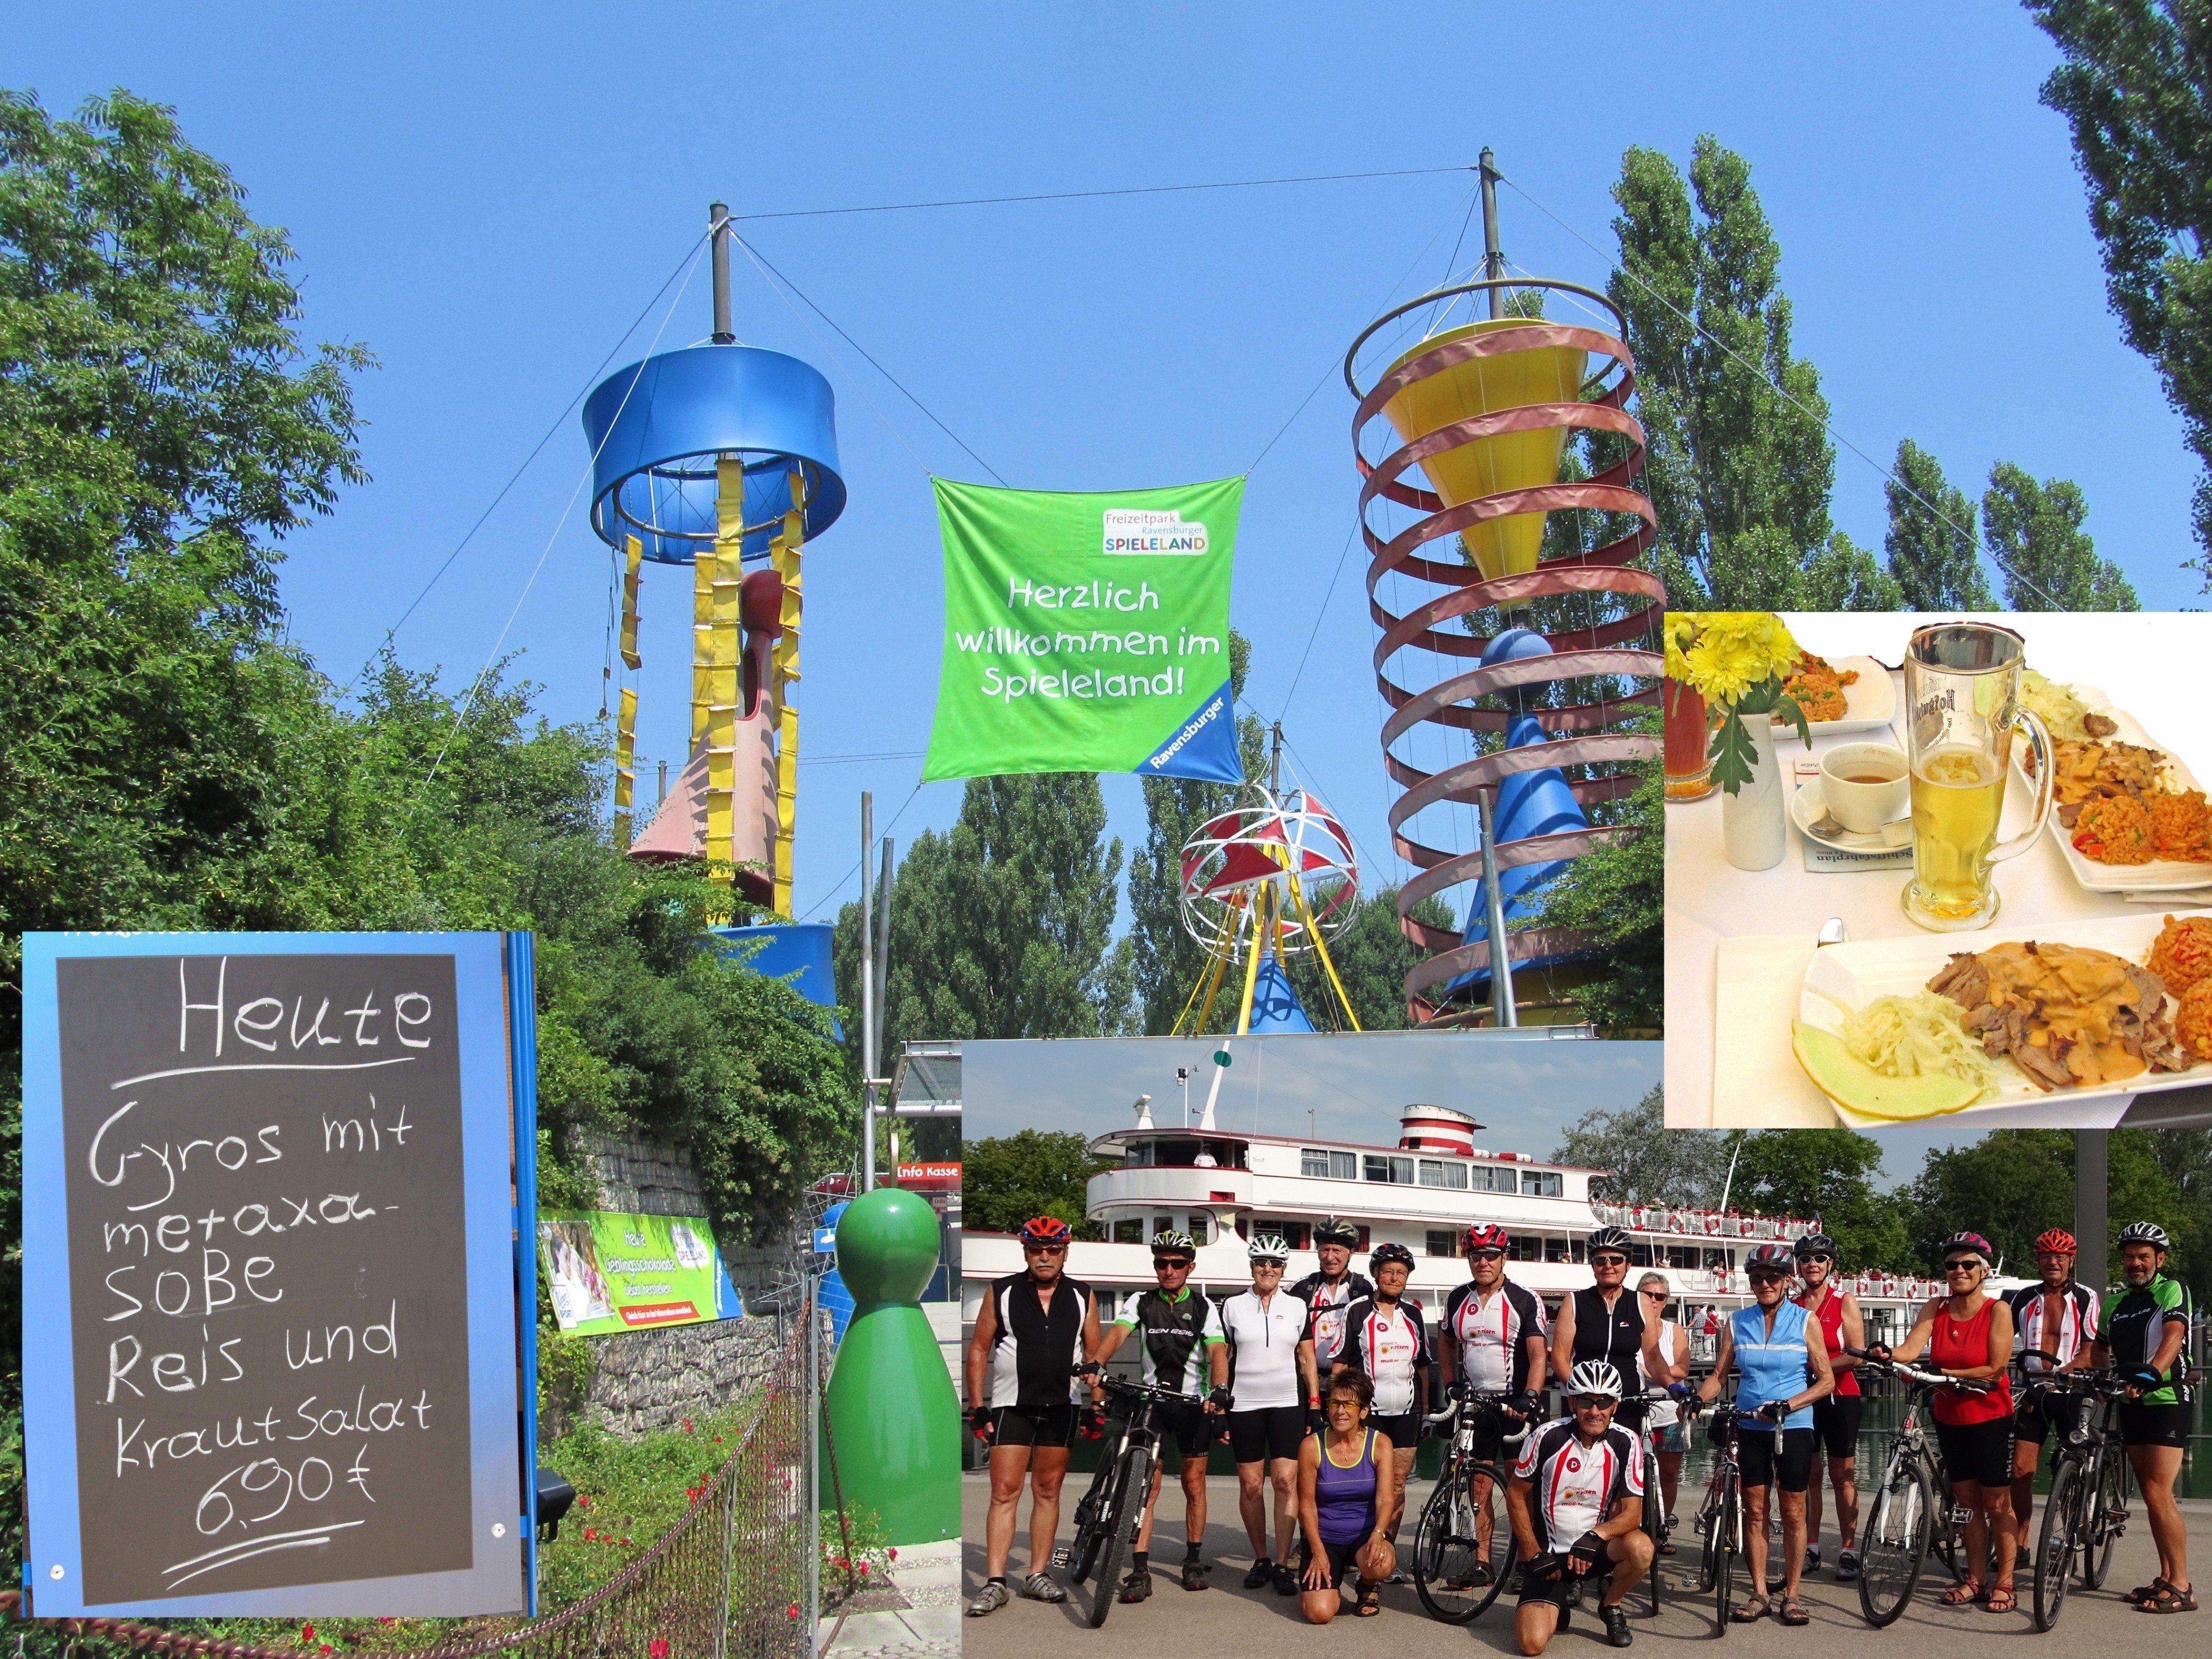 Team per pedales besucht Meckenbeuren